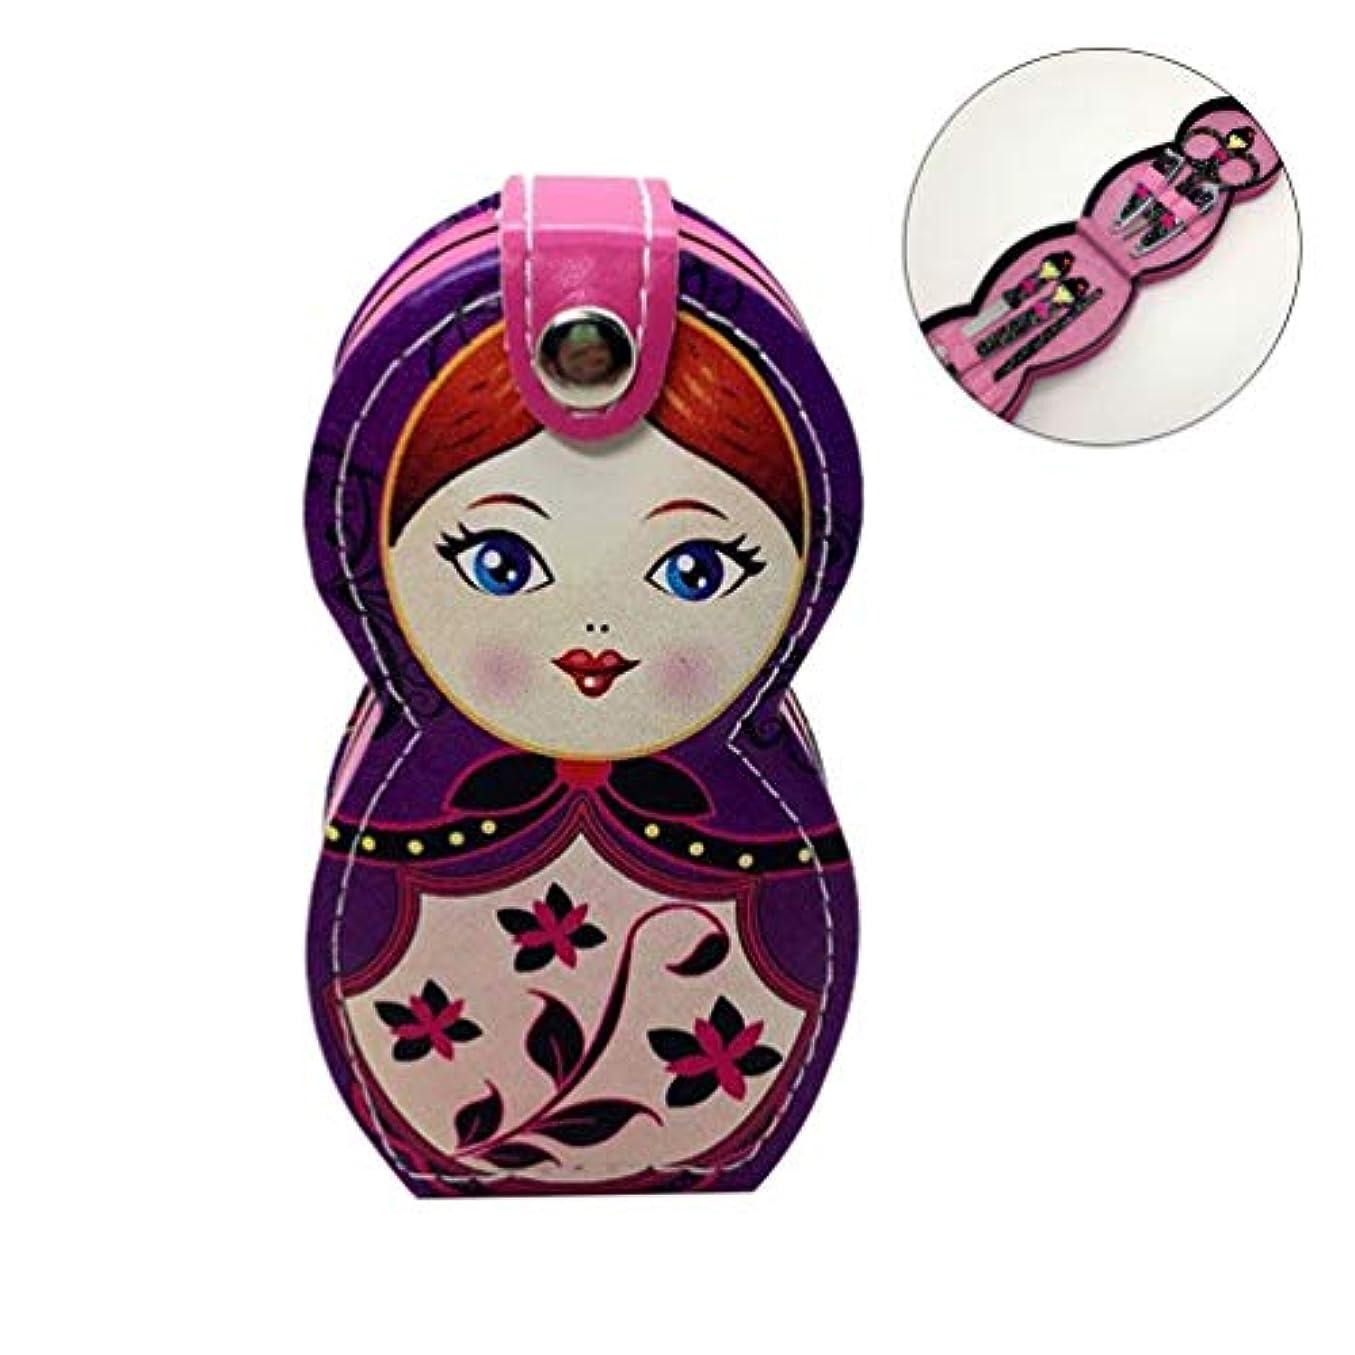 なのでメナジェリー崖Hongma ネイルケアセット マニキュアセット 可愛い 日本人形 ロシア人形 グルーミングキット 爪やすり 爪切りセット 携帯便利 収納ケース付き (ロシア人形パープル)